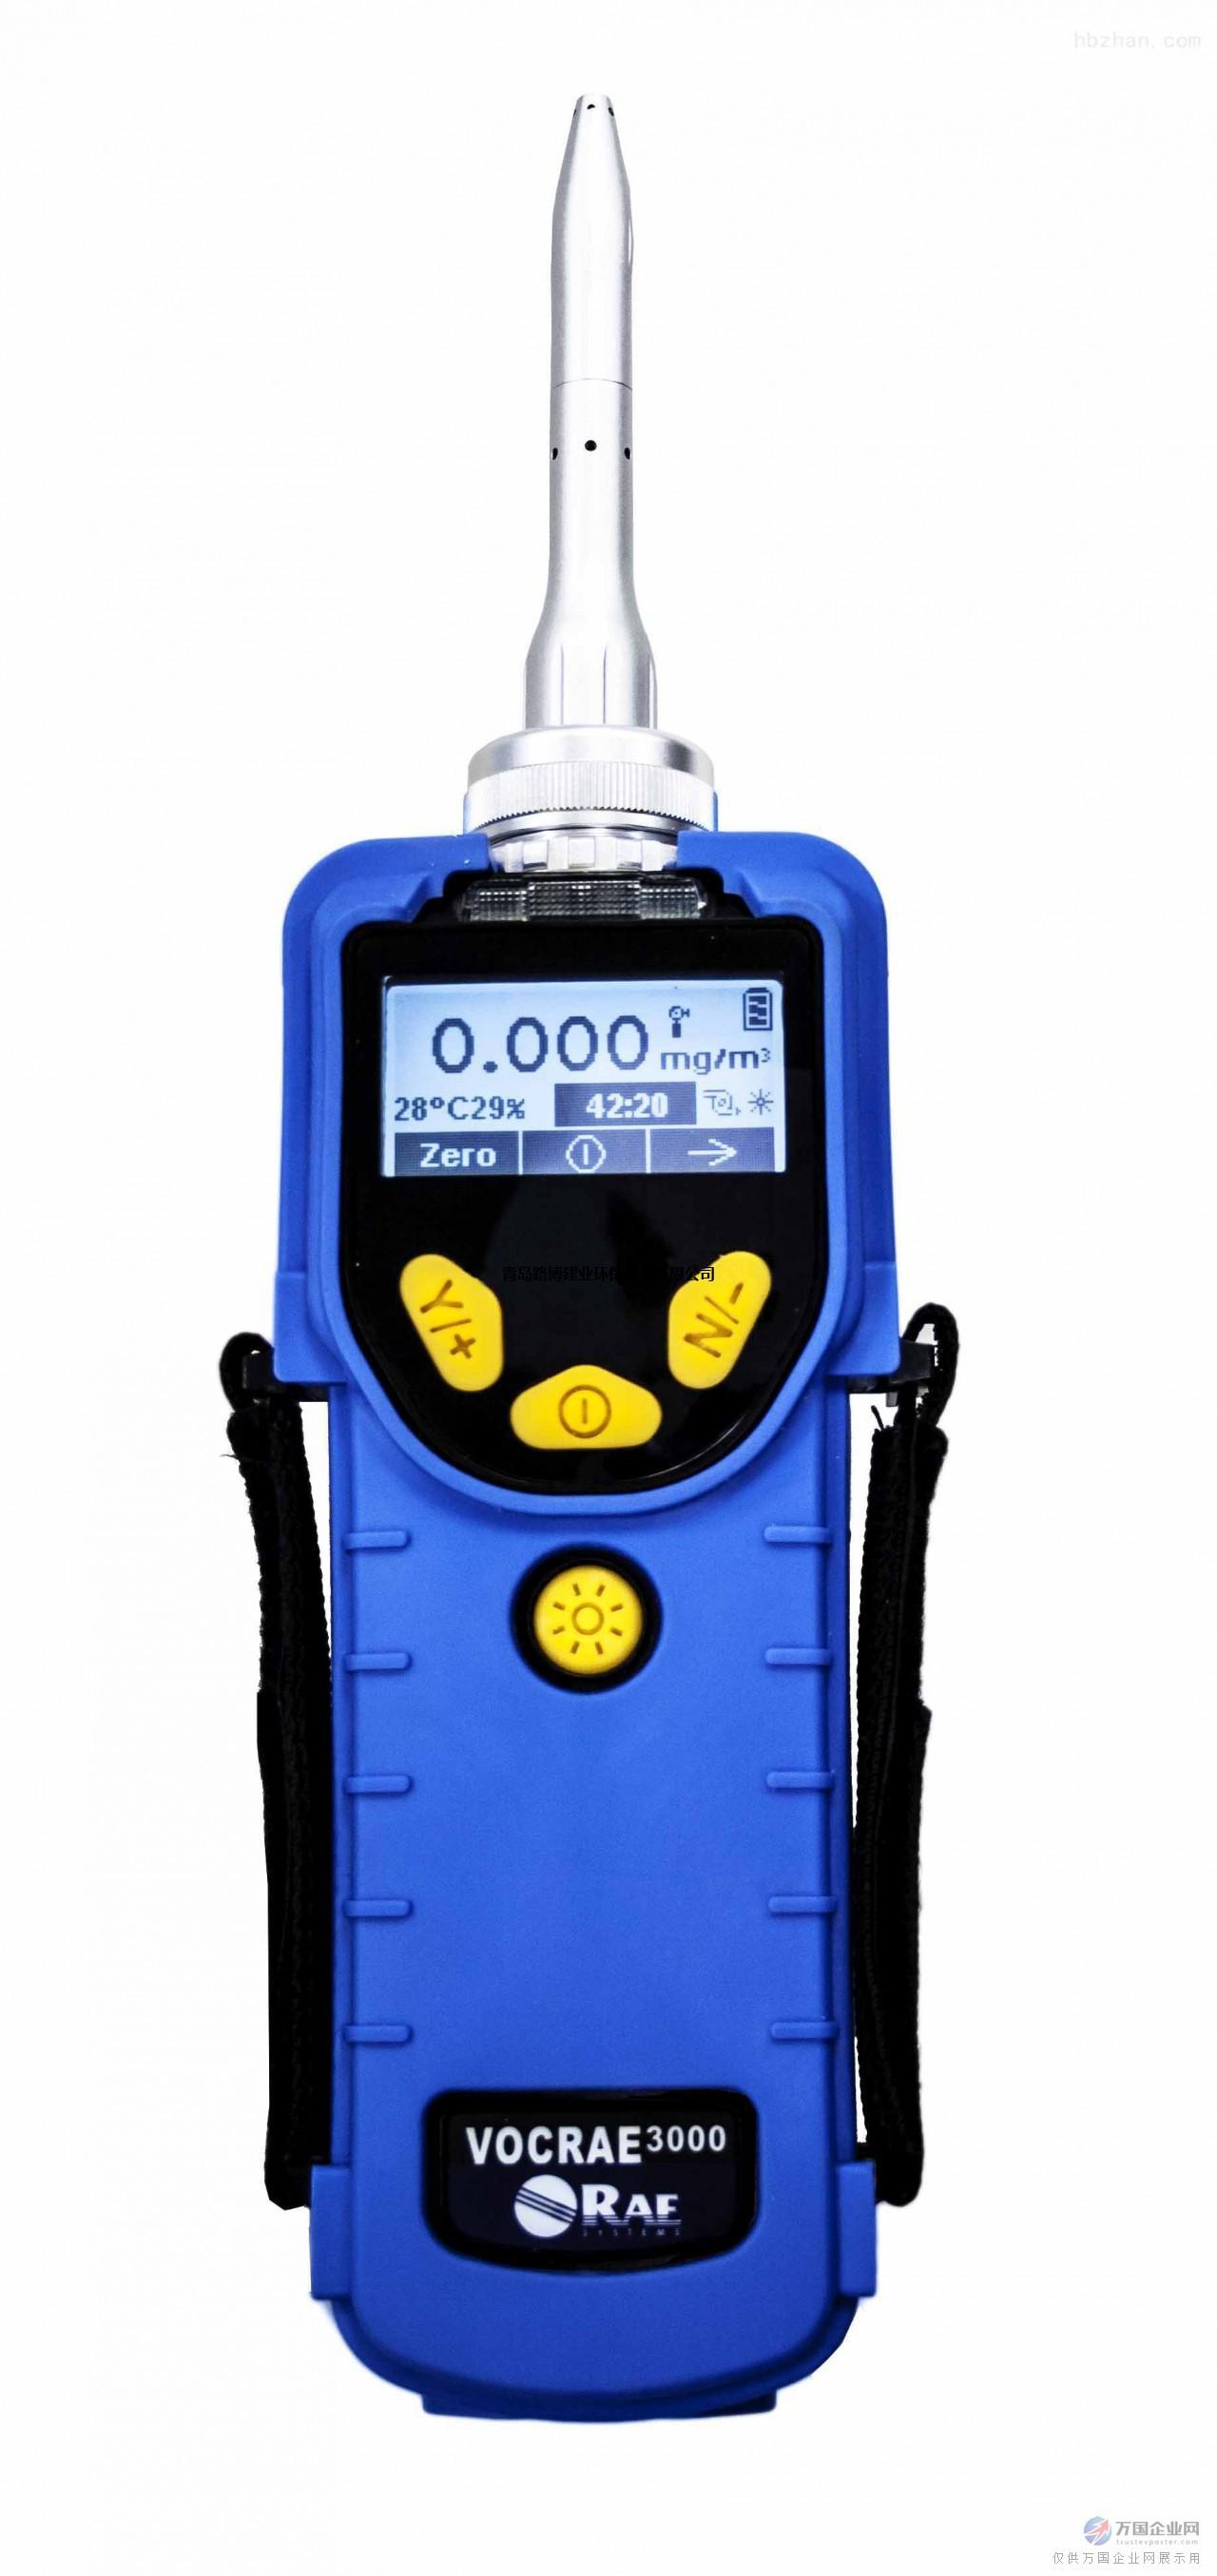 主要特点 • RAE 第二代Tube 技术与RAE PID 技术结合,保证低浓度TVOC 的准确检测 • 实时显示检测环境的温度和湿度,通过内置的温度和湿度传感器自动修正外界引入的误差 • 每分钟给出一个检测结果,有多种单位可选择,ppb,ppm,mg/m3,ug/m3 • 大屏幕图文液晶显示,多国语言,支持中文 • 可自动存储100000 条检测记录,可以在仪器上自由翻看最近100 条历史检测数据 • 智能预热以及标定提示,时刻确保仪器在一个正